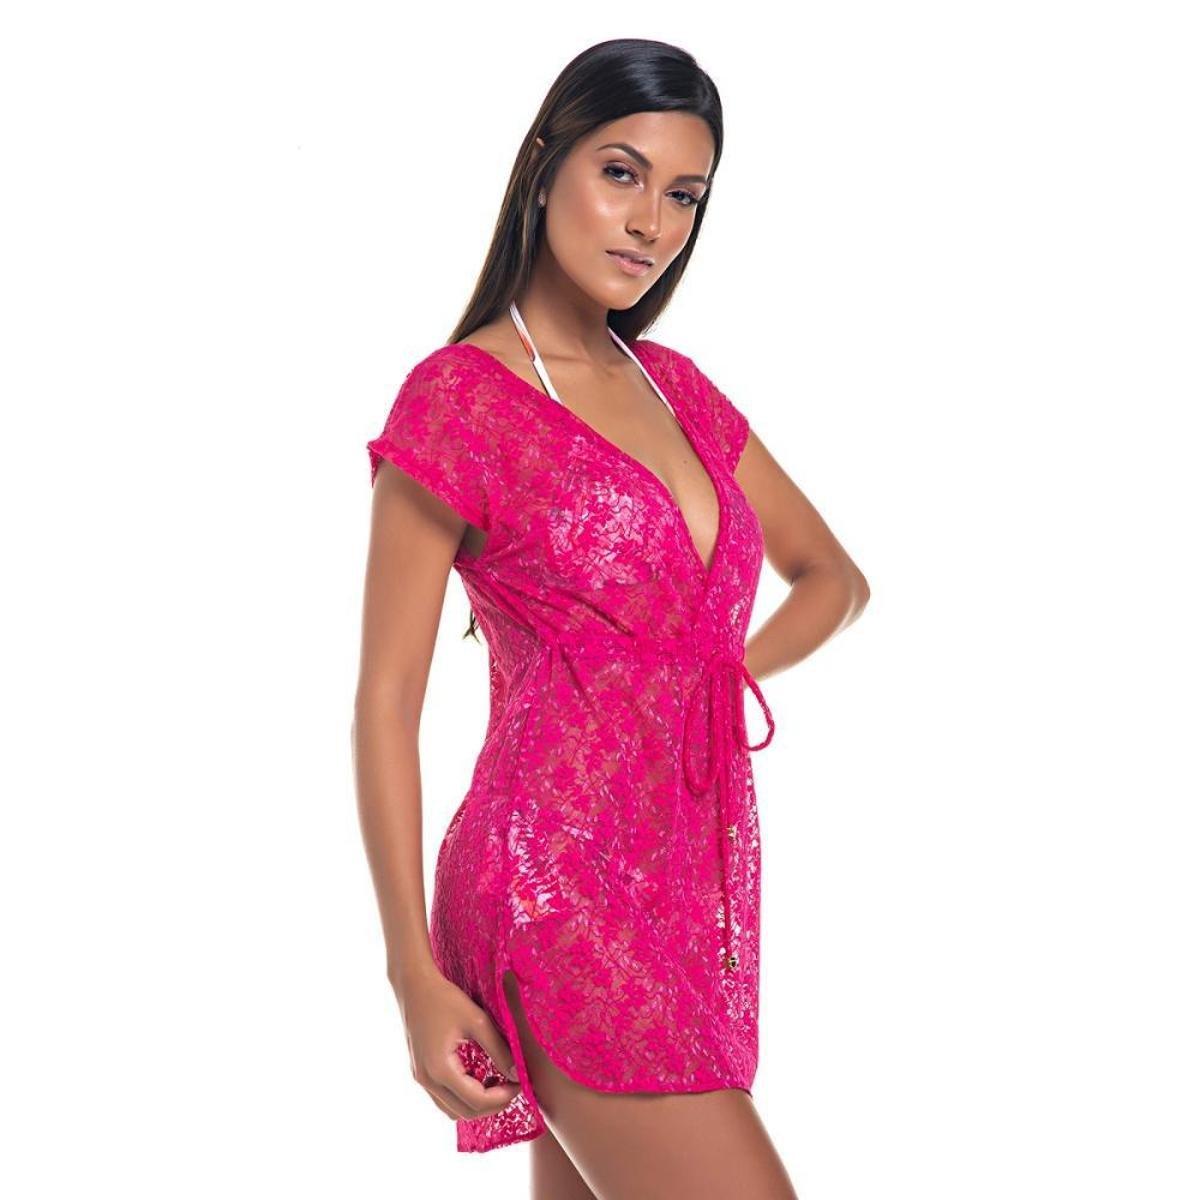 Saída  Renda Transpassada Moda Verão Piscina - Pink